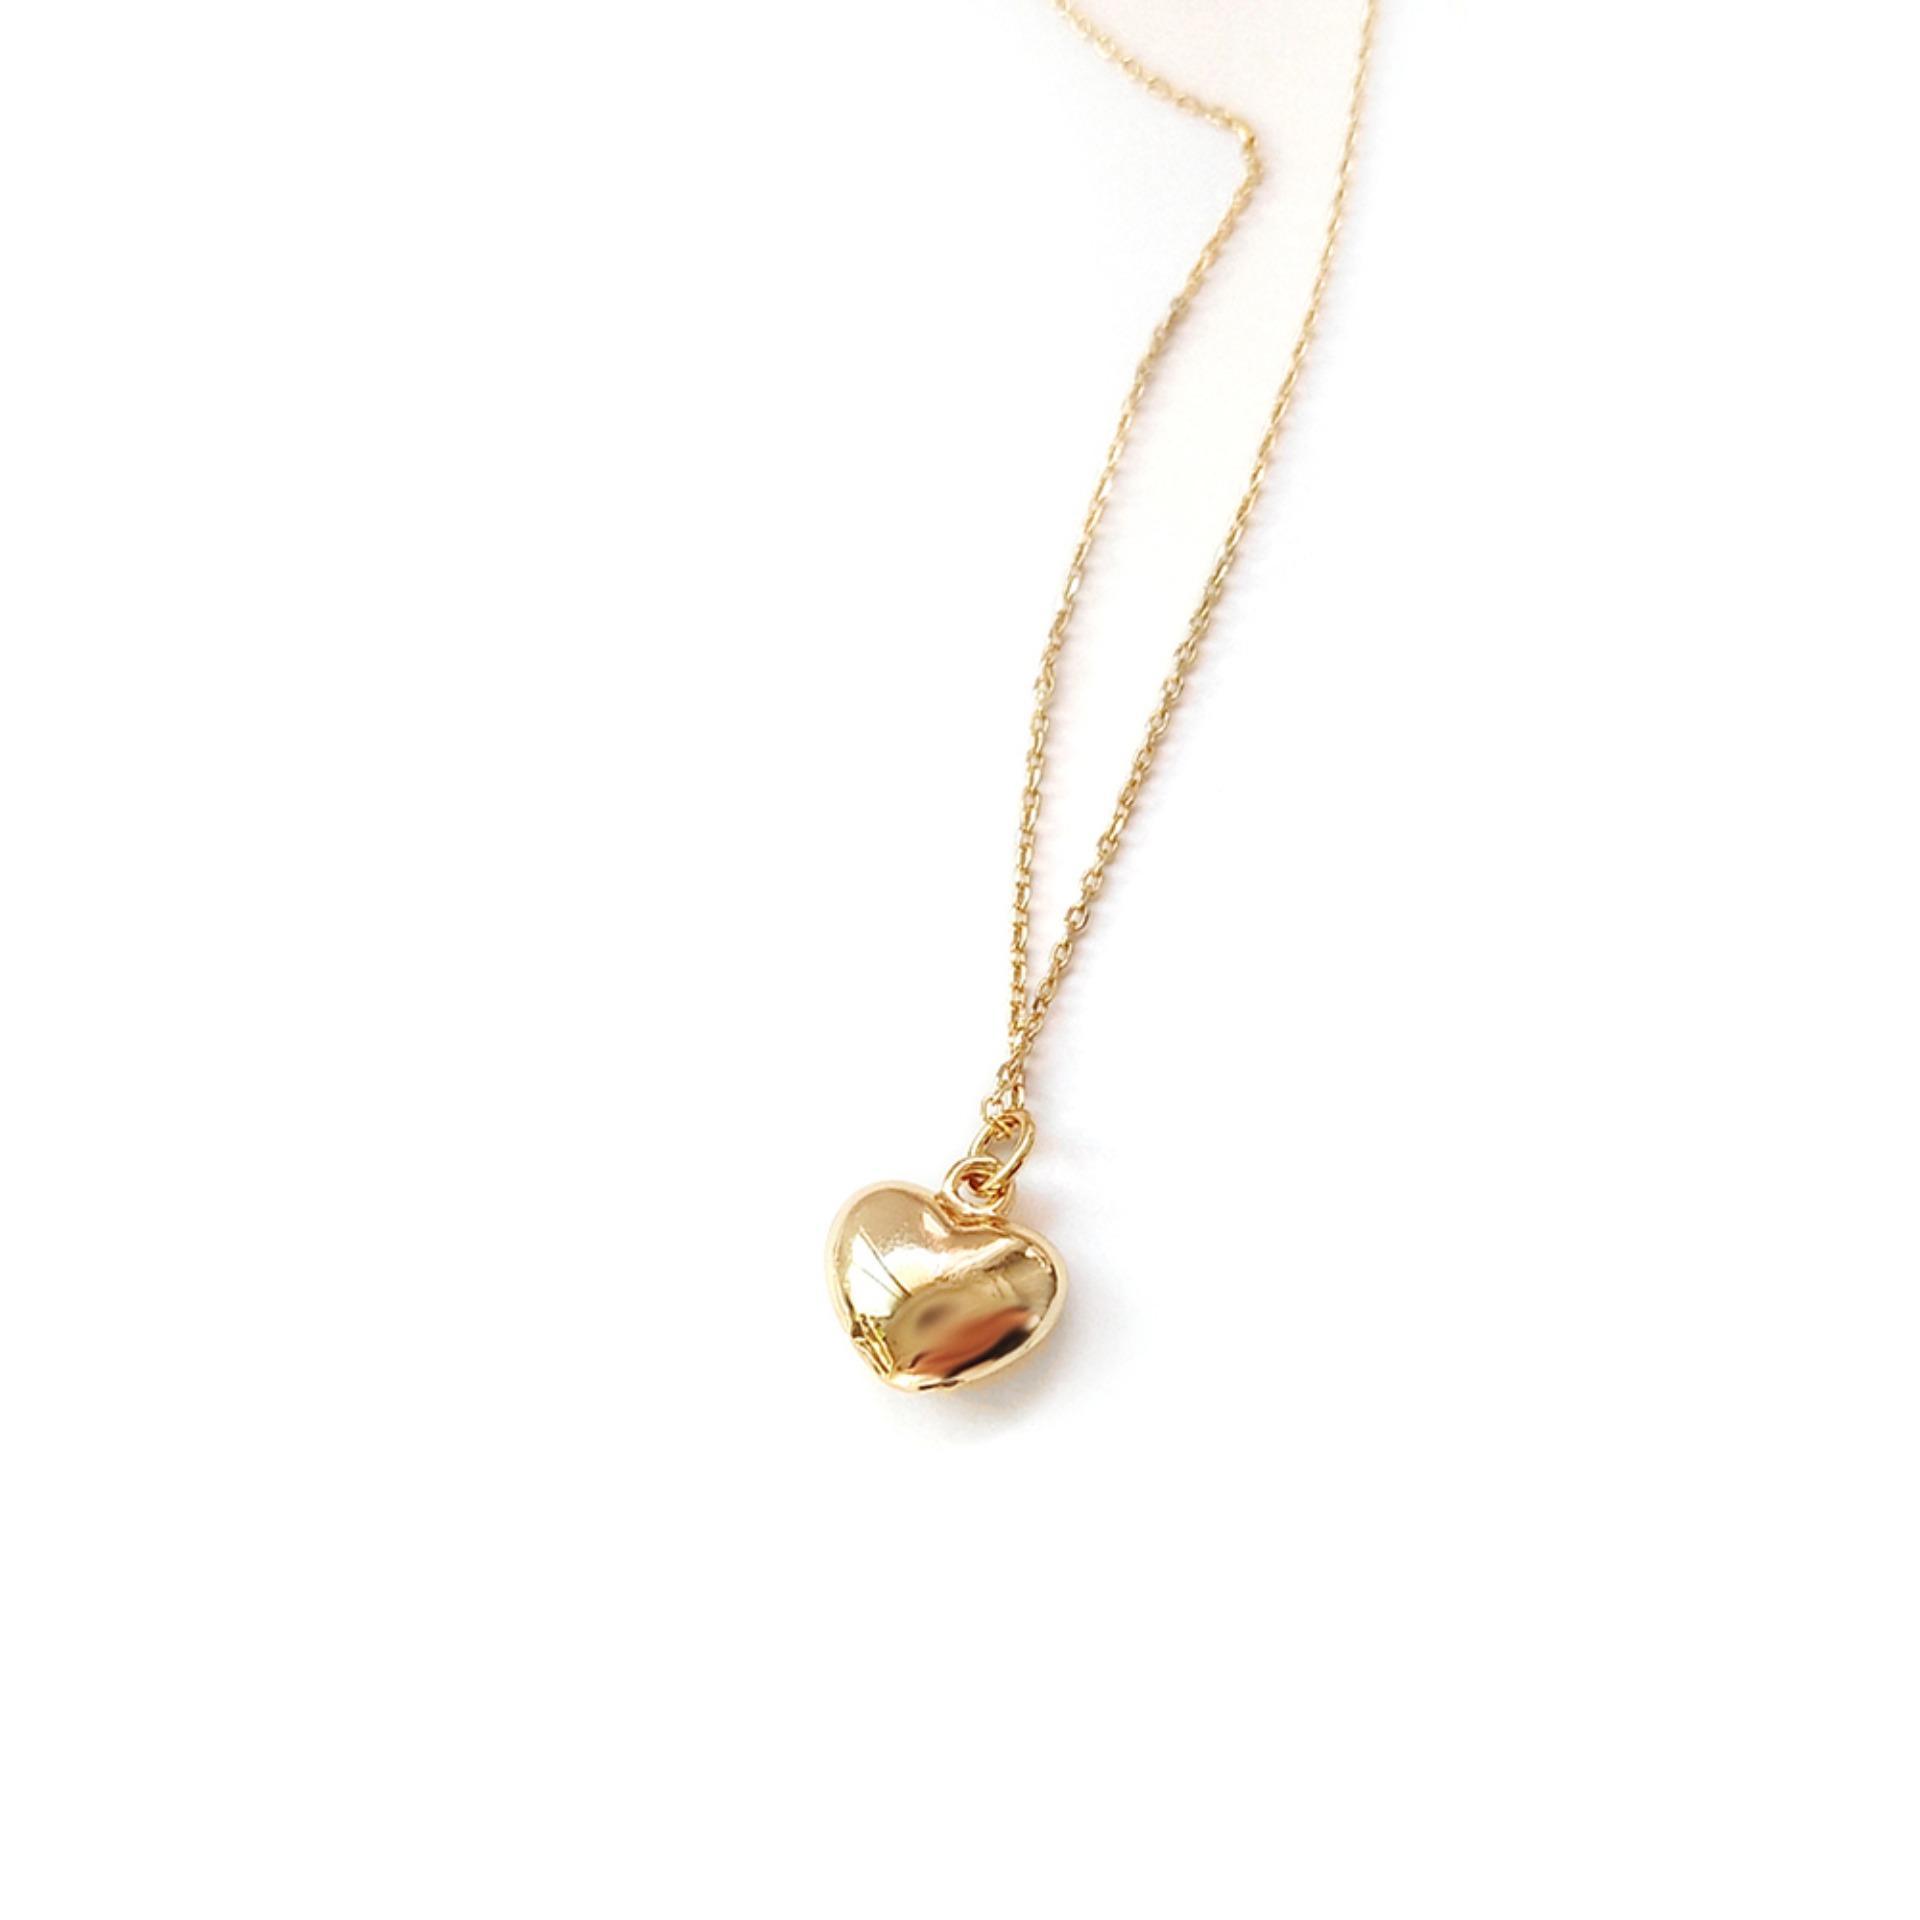 Dây chuyền nữ  2018 JK Silver -  Korea Design Bạc thật 925 mạ vàng 18K - kiểu dáng tròn trendy trẻ trung